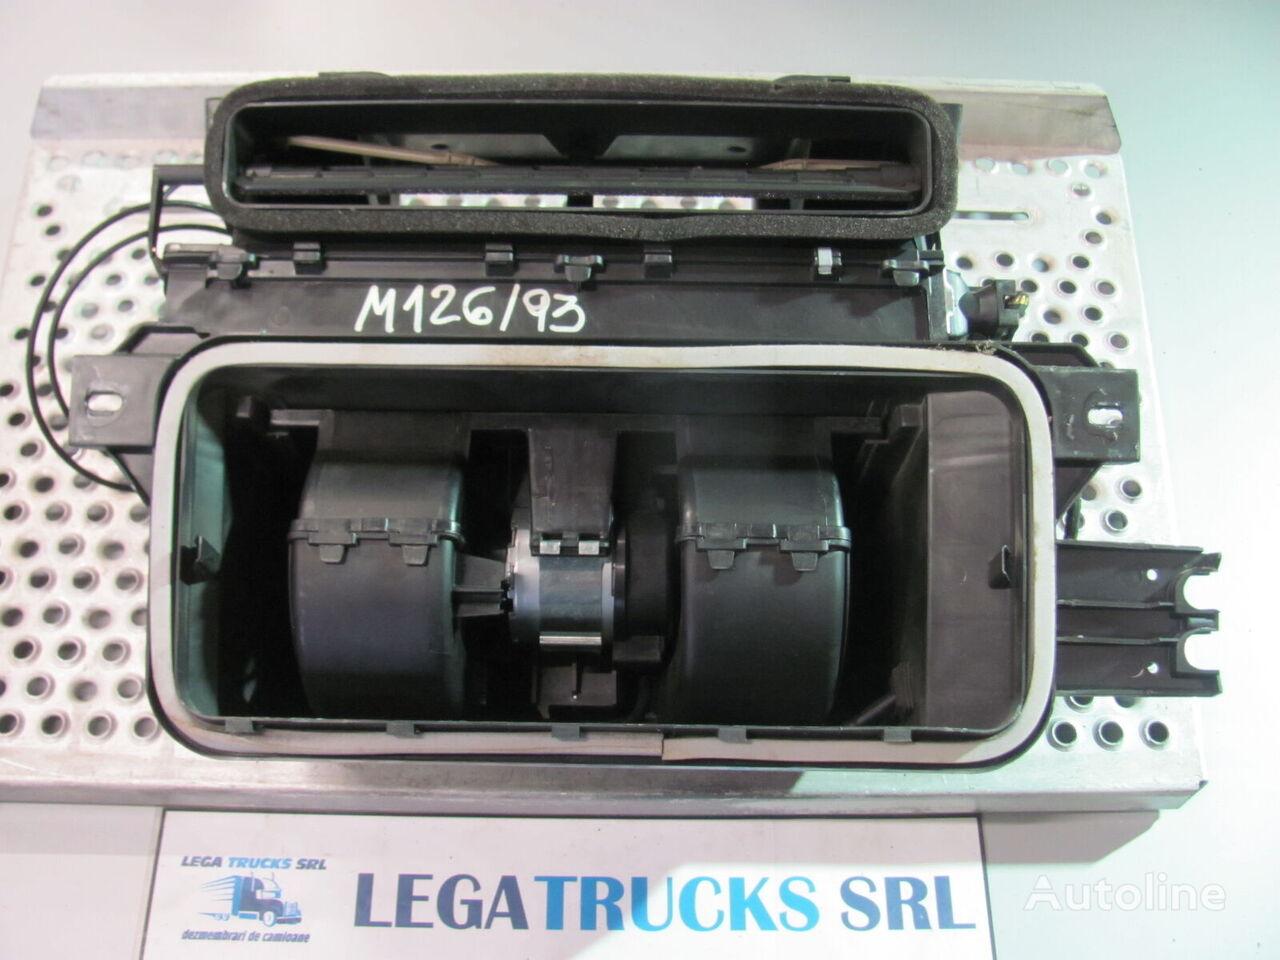 CAPAC CUTIE (81617016203) fascia delantera para MAN TGA 18.440 EURO 4 tractora para piezas